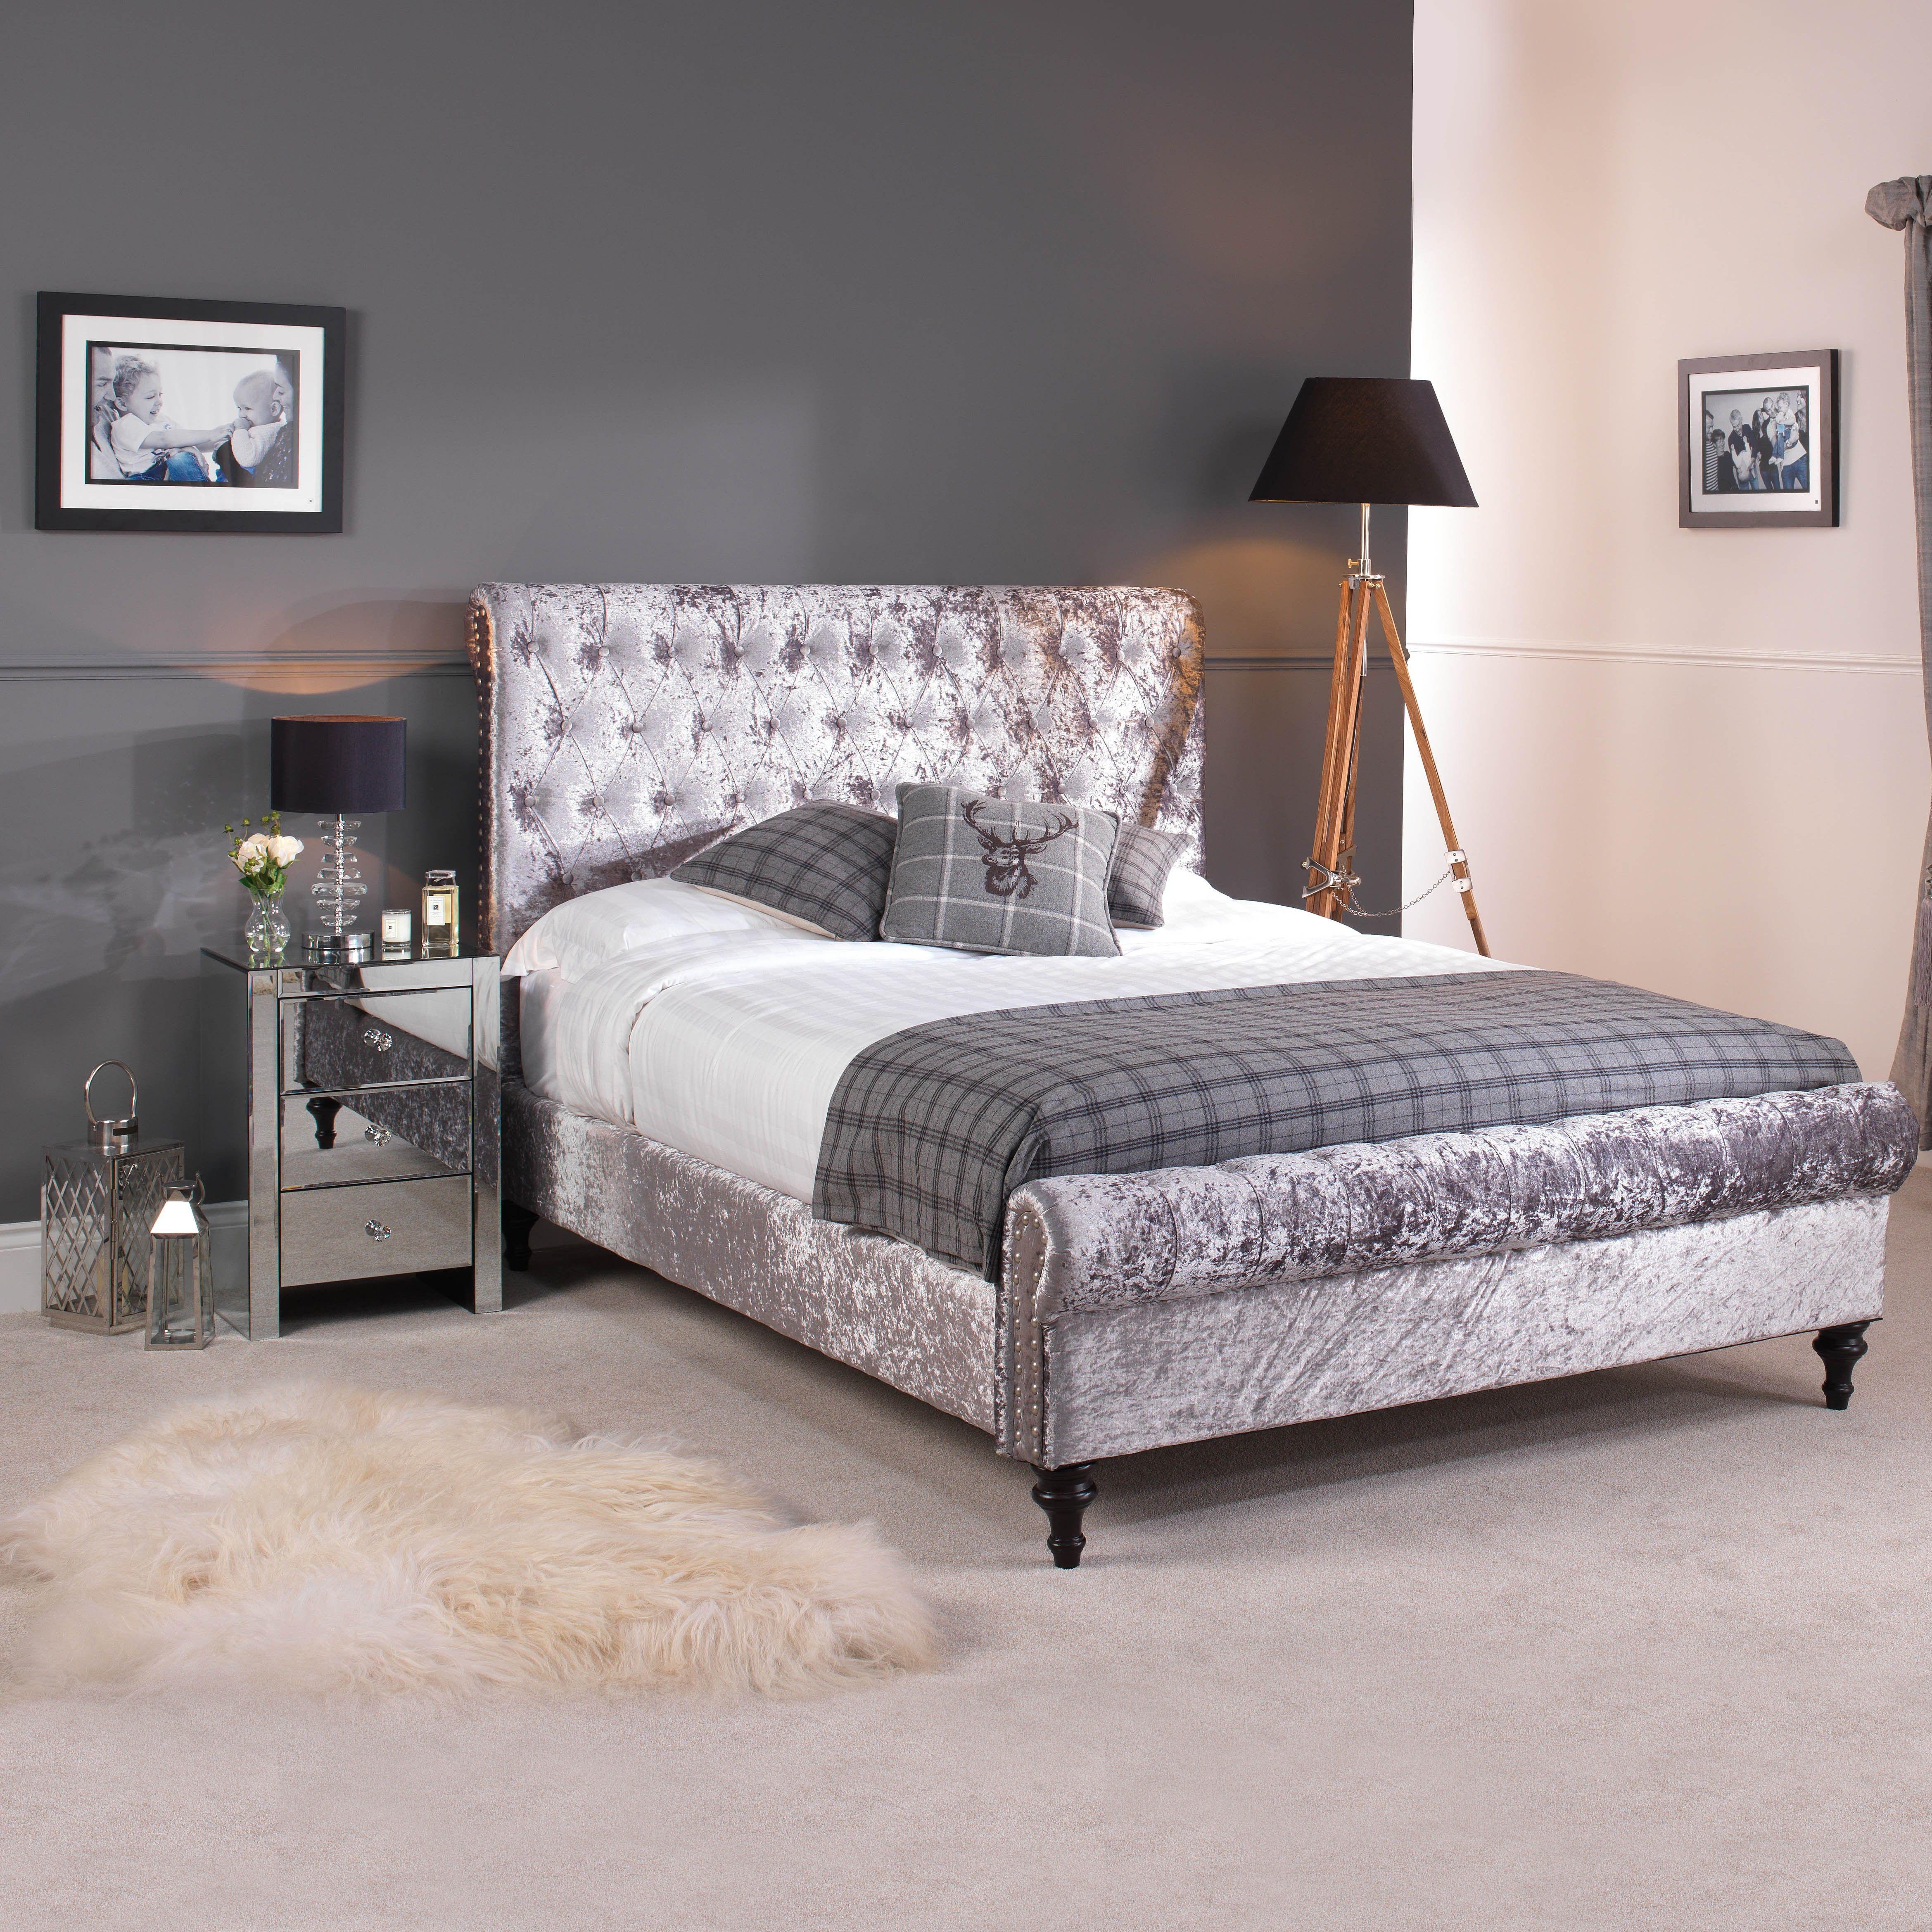 Go1220g 6 Super King Size Grey Premium Crushed Velvet Upholstered